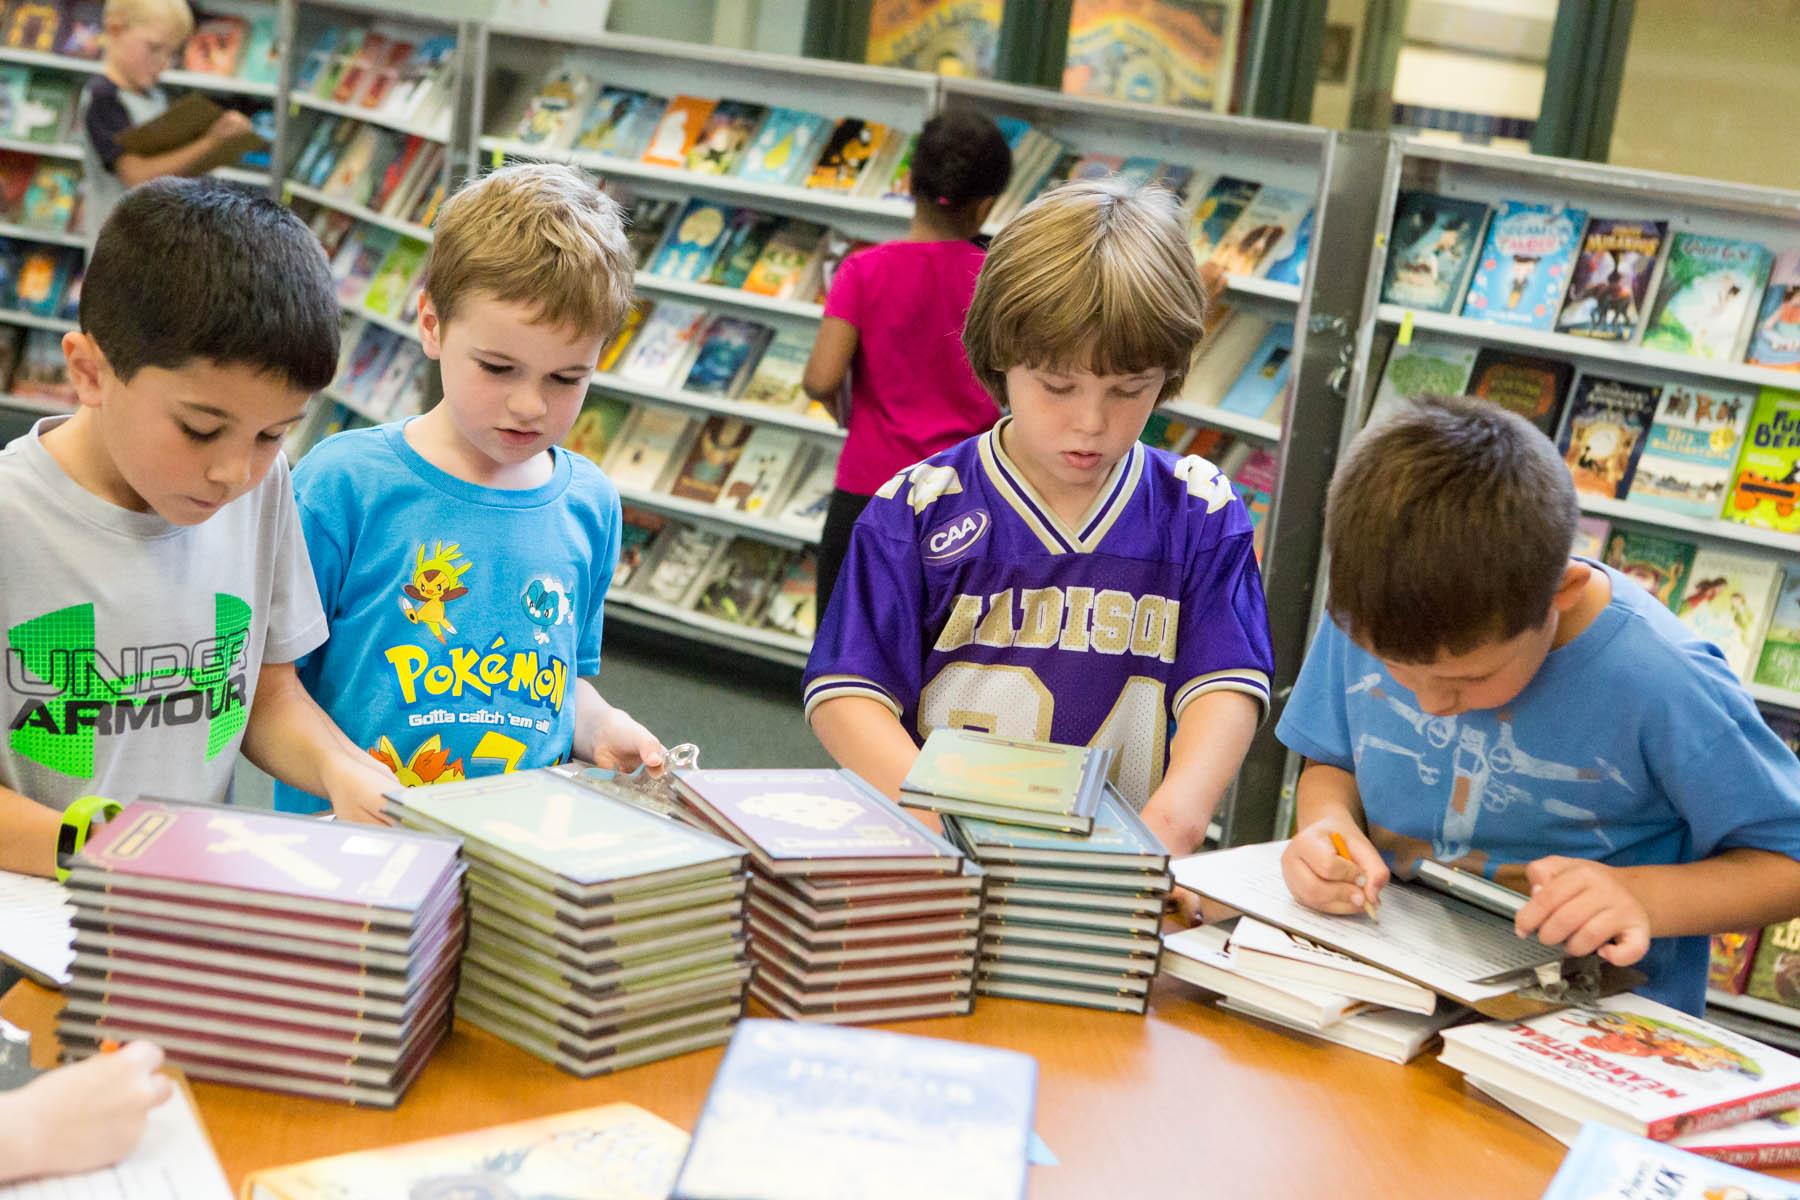 Boys browsing book fair